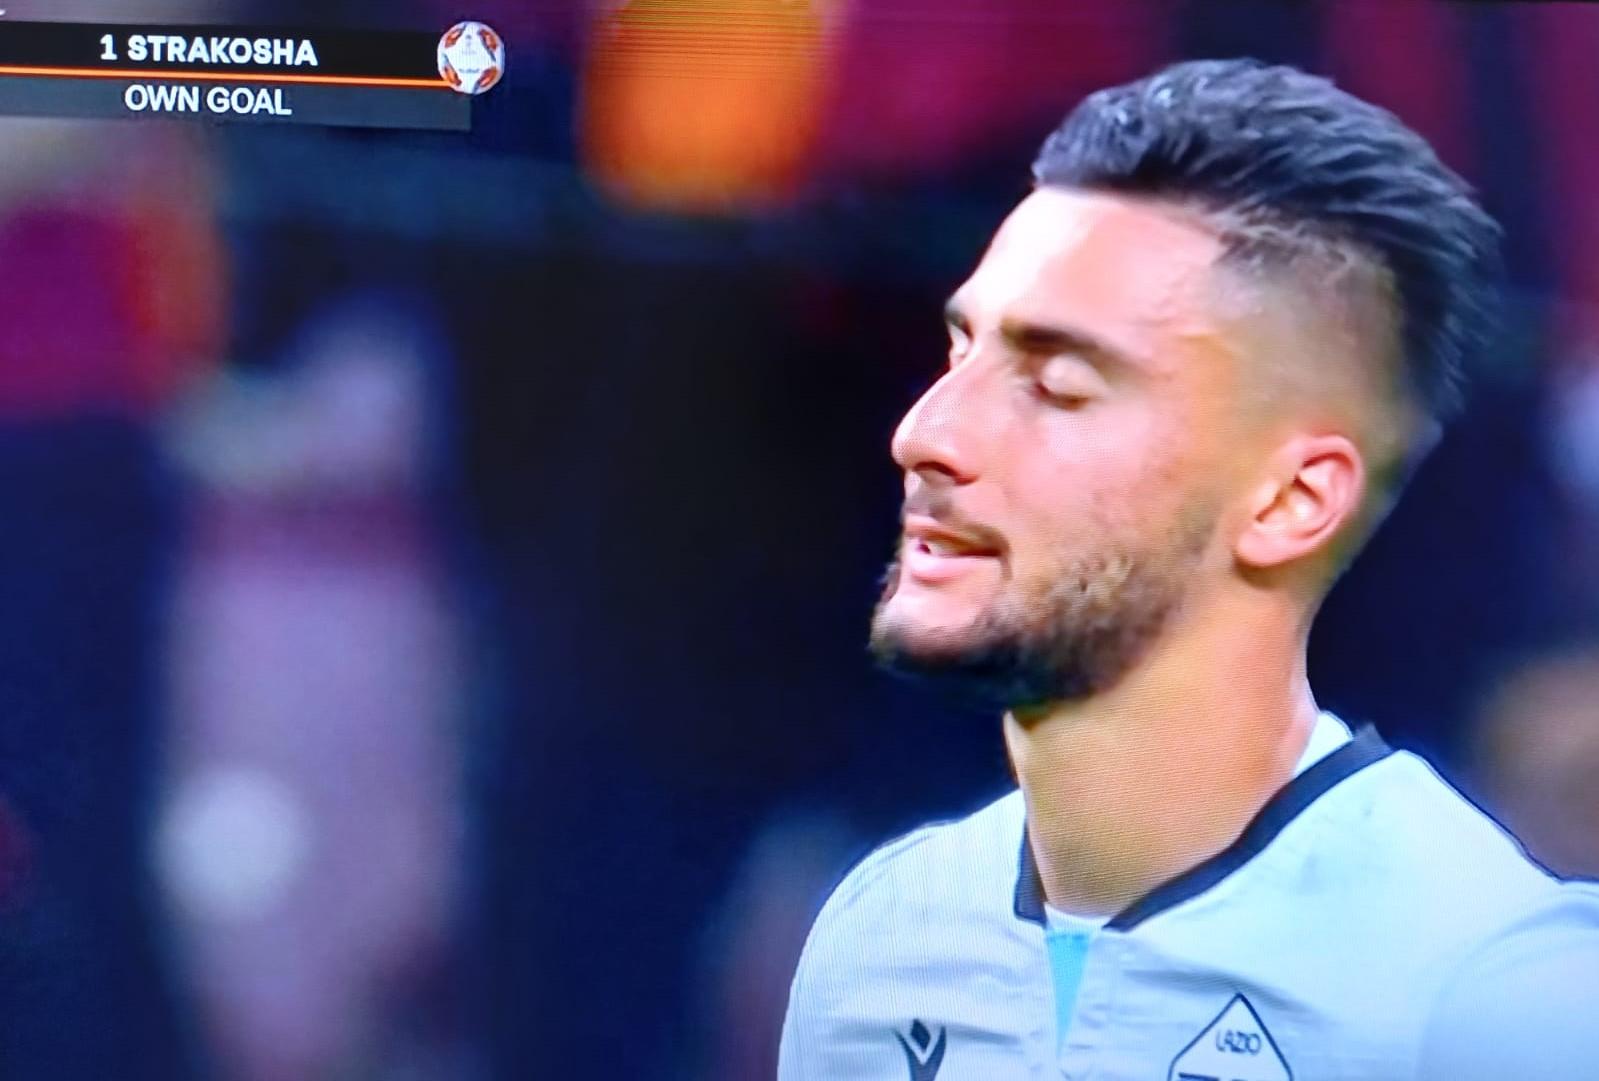 Galatasaray-Lazio, clamoroso autogol di Strakosha – VIDEO